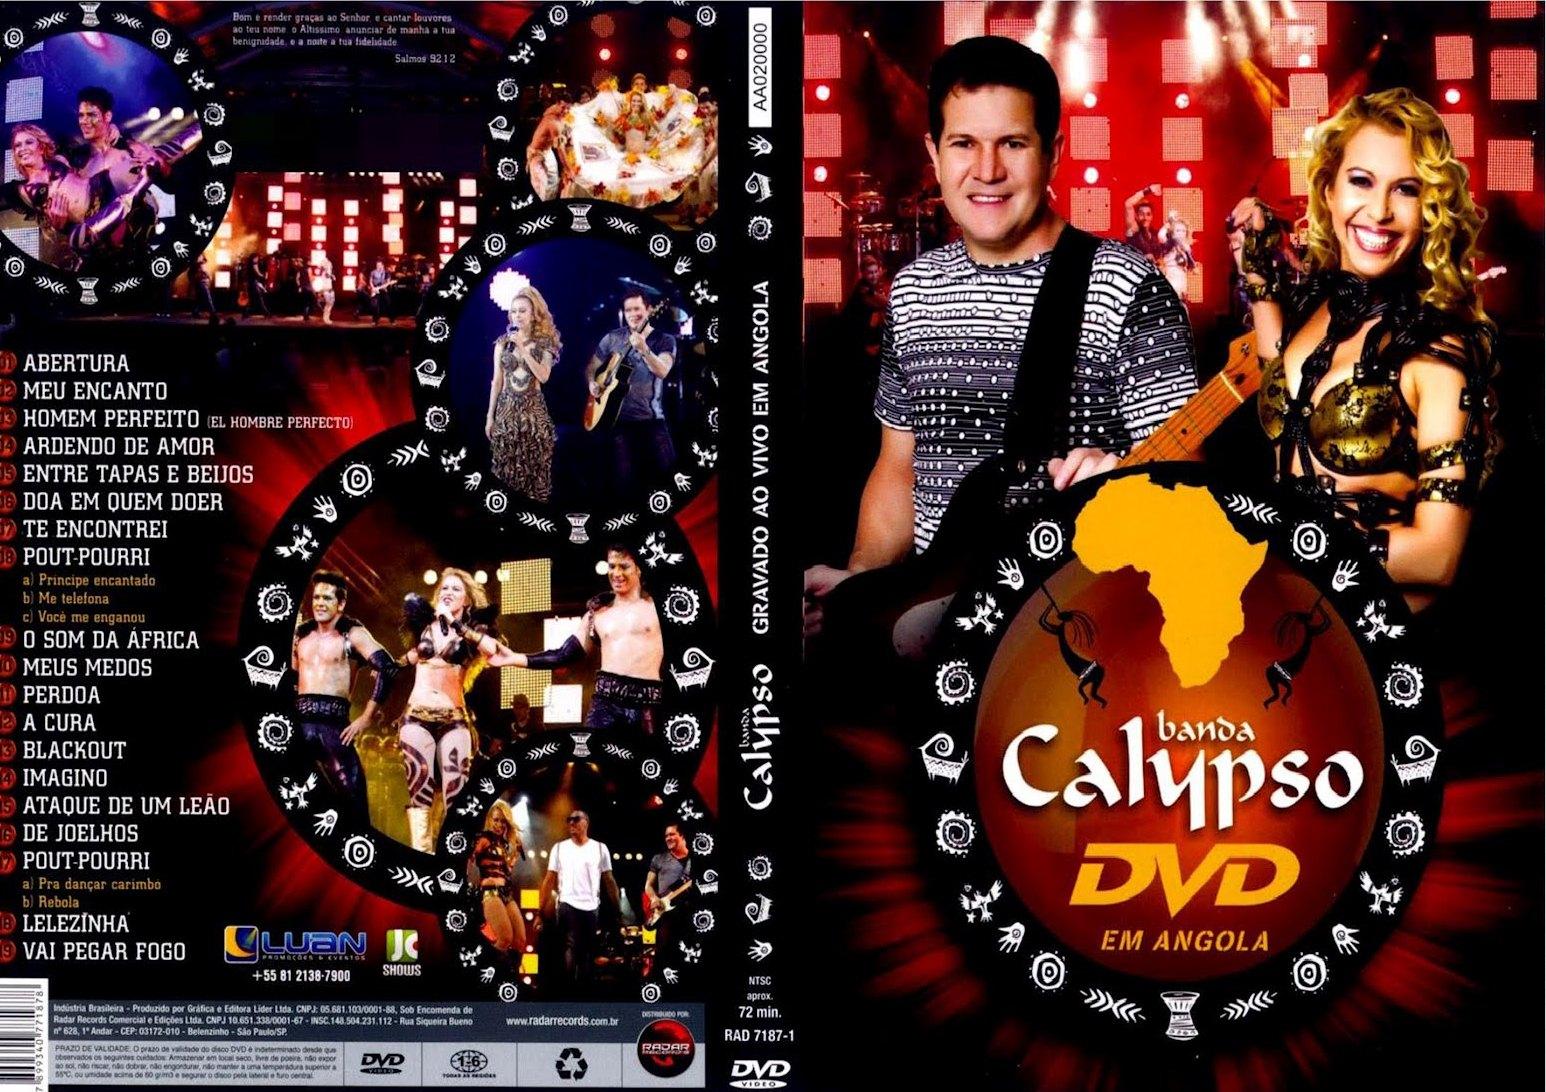 Download Calypso – Ao Vivo em Angola DVD-R